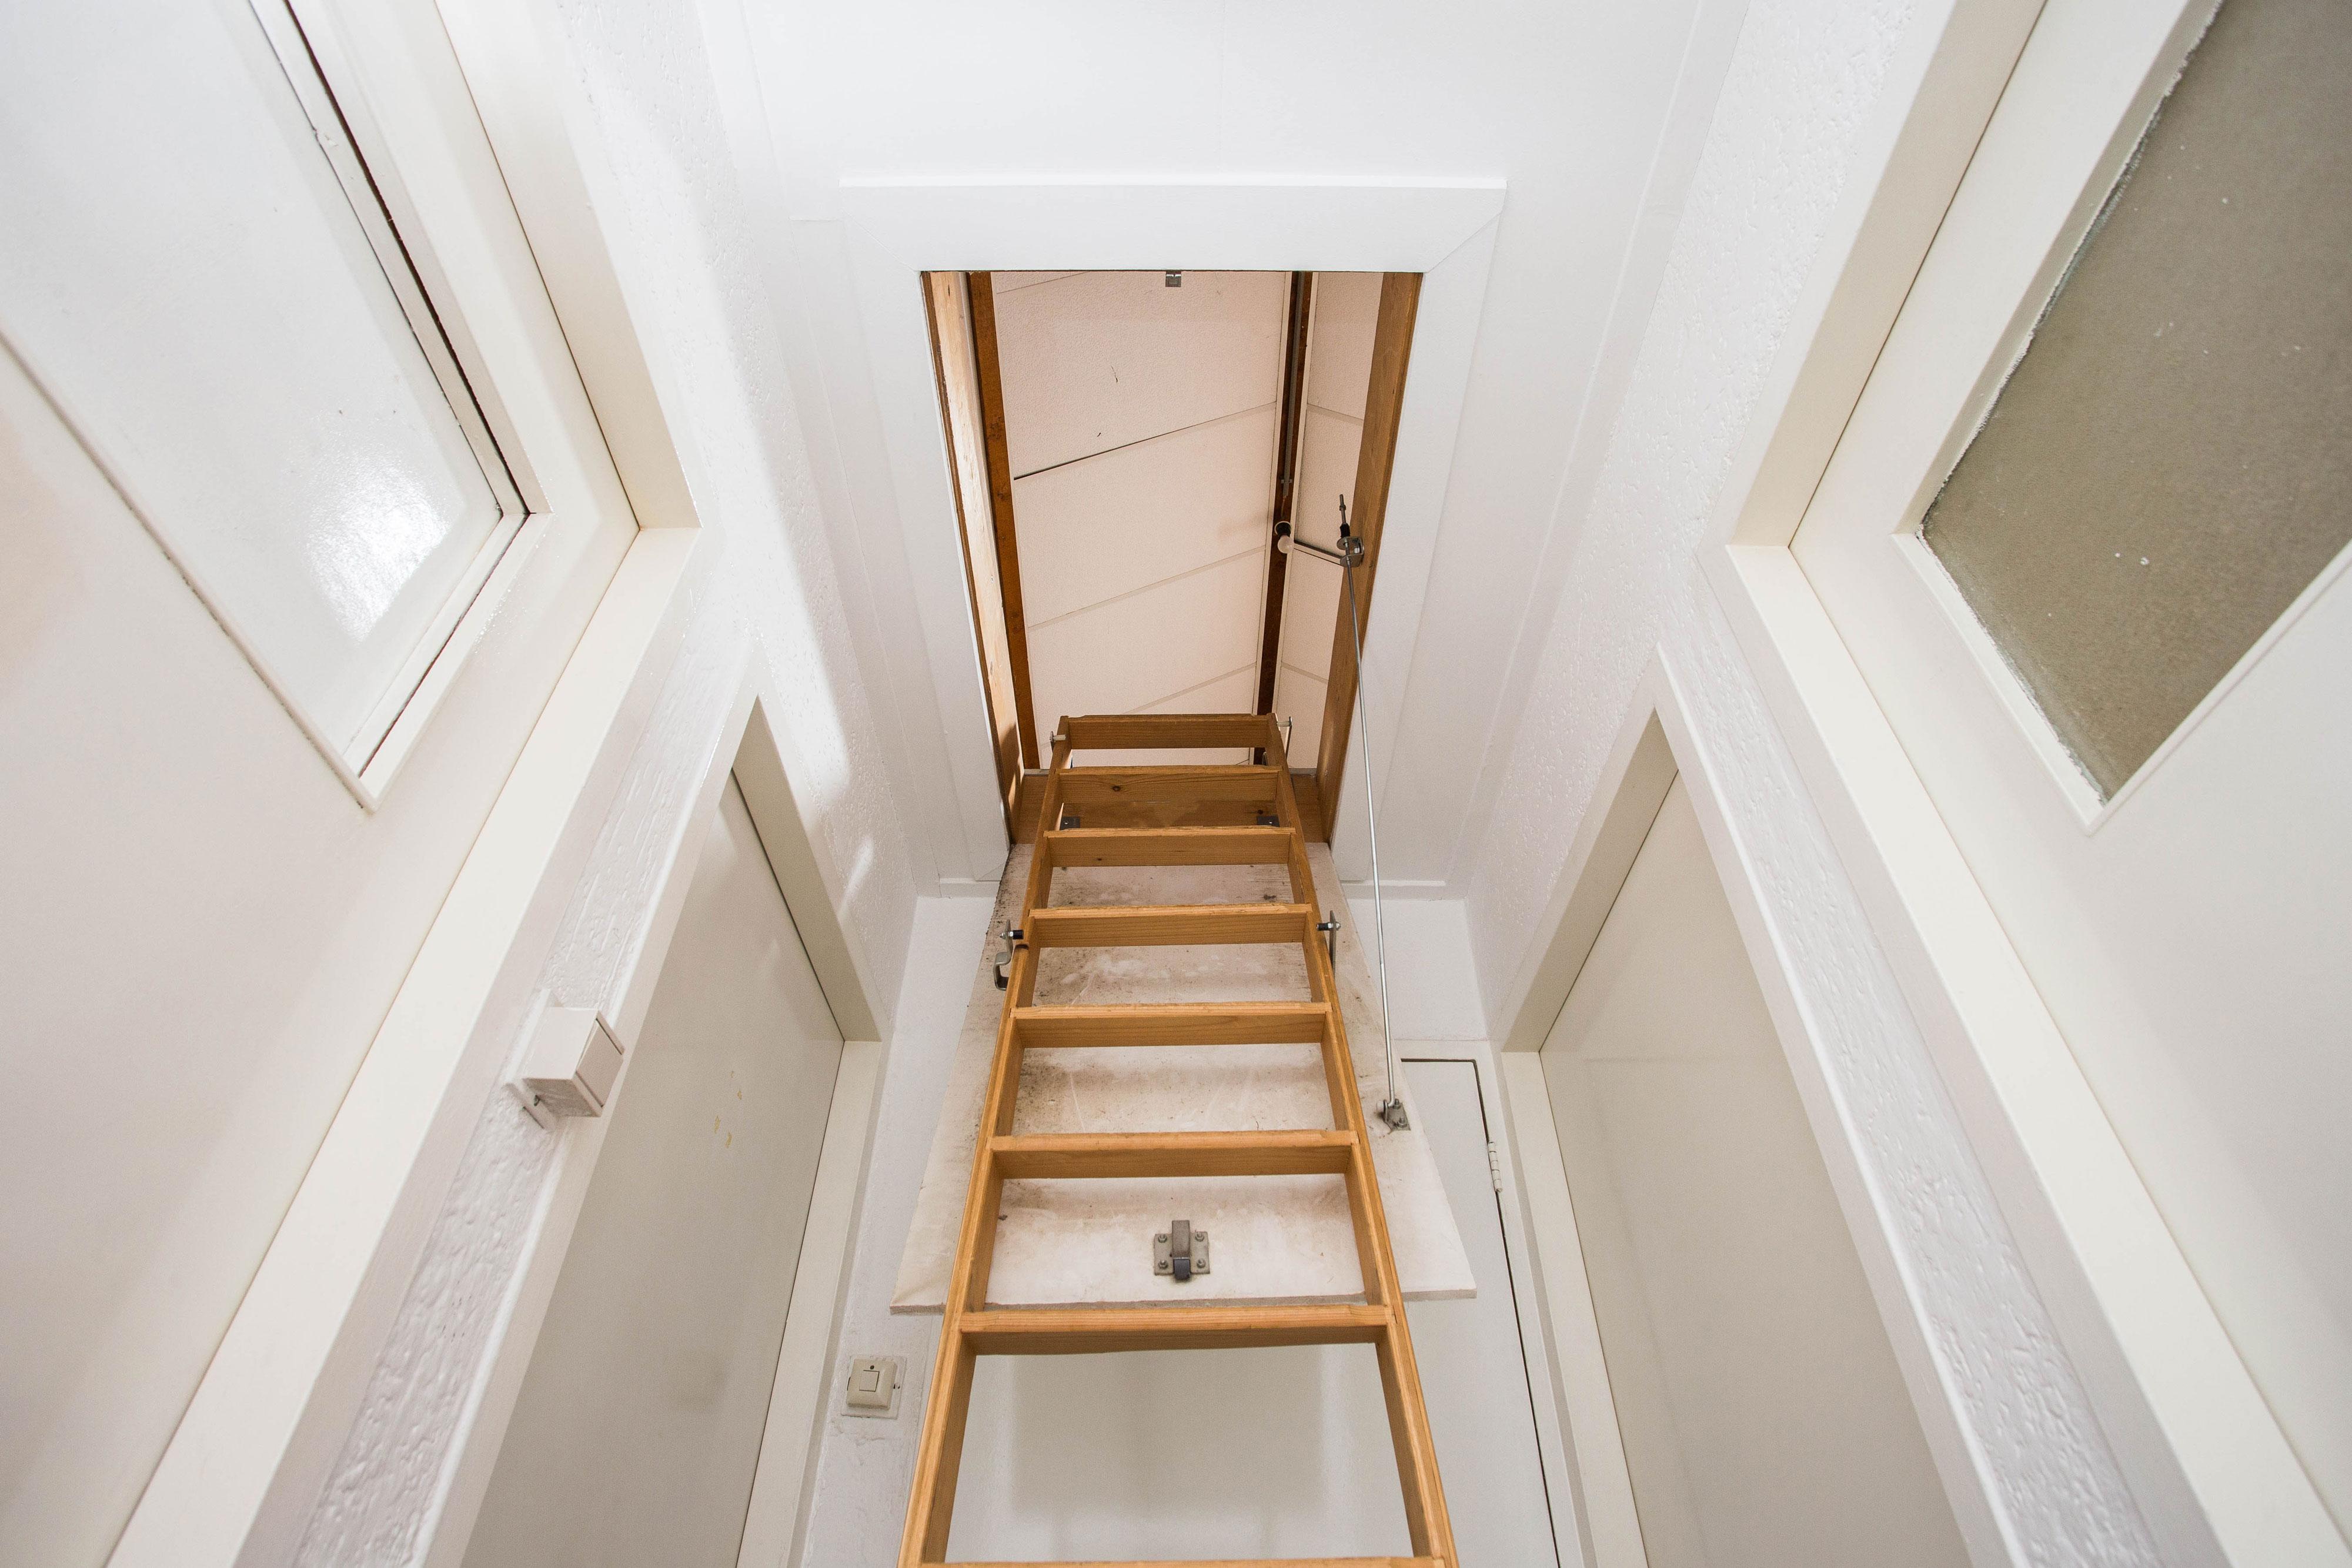 Attic door open with stairs